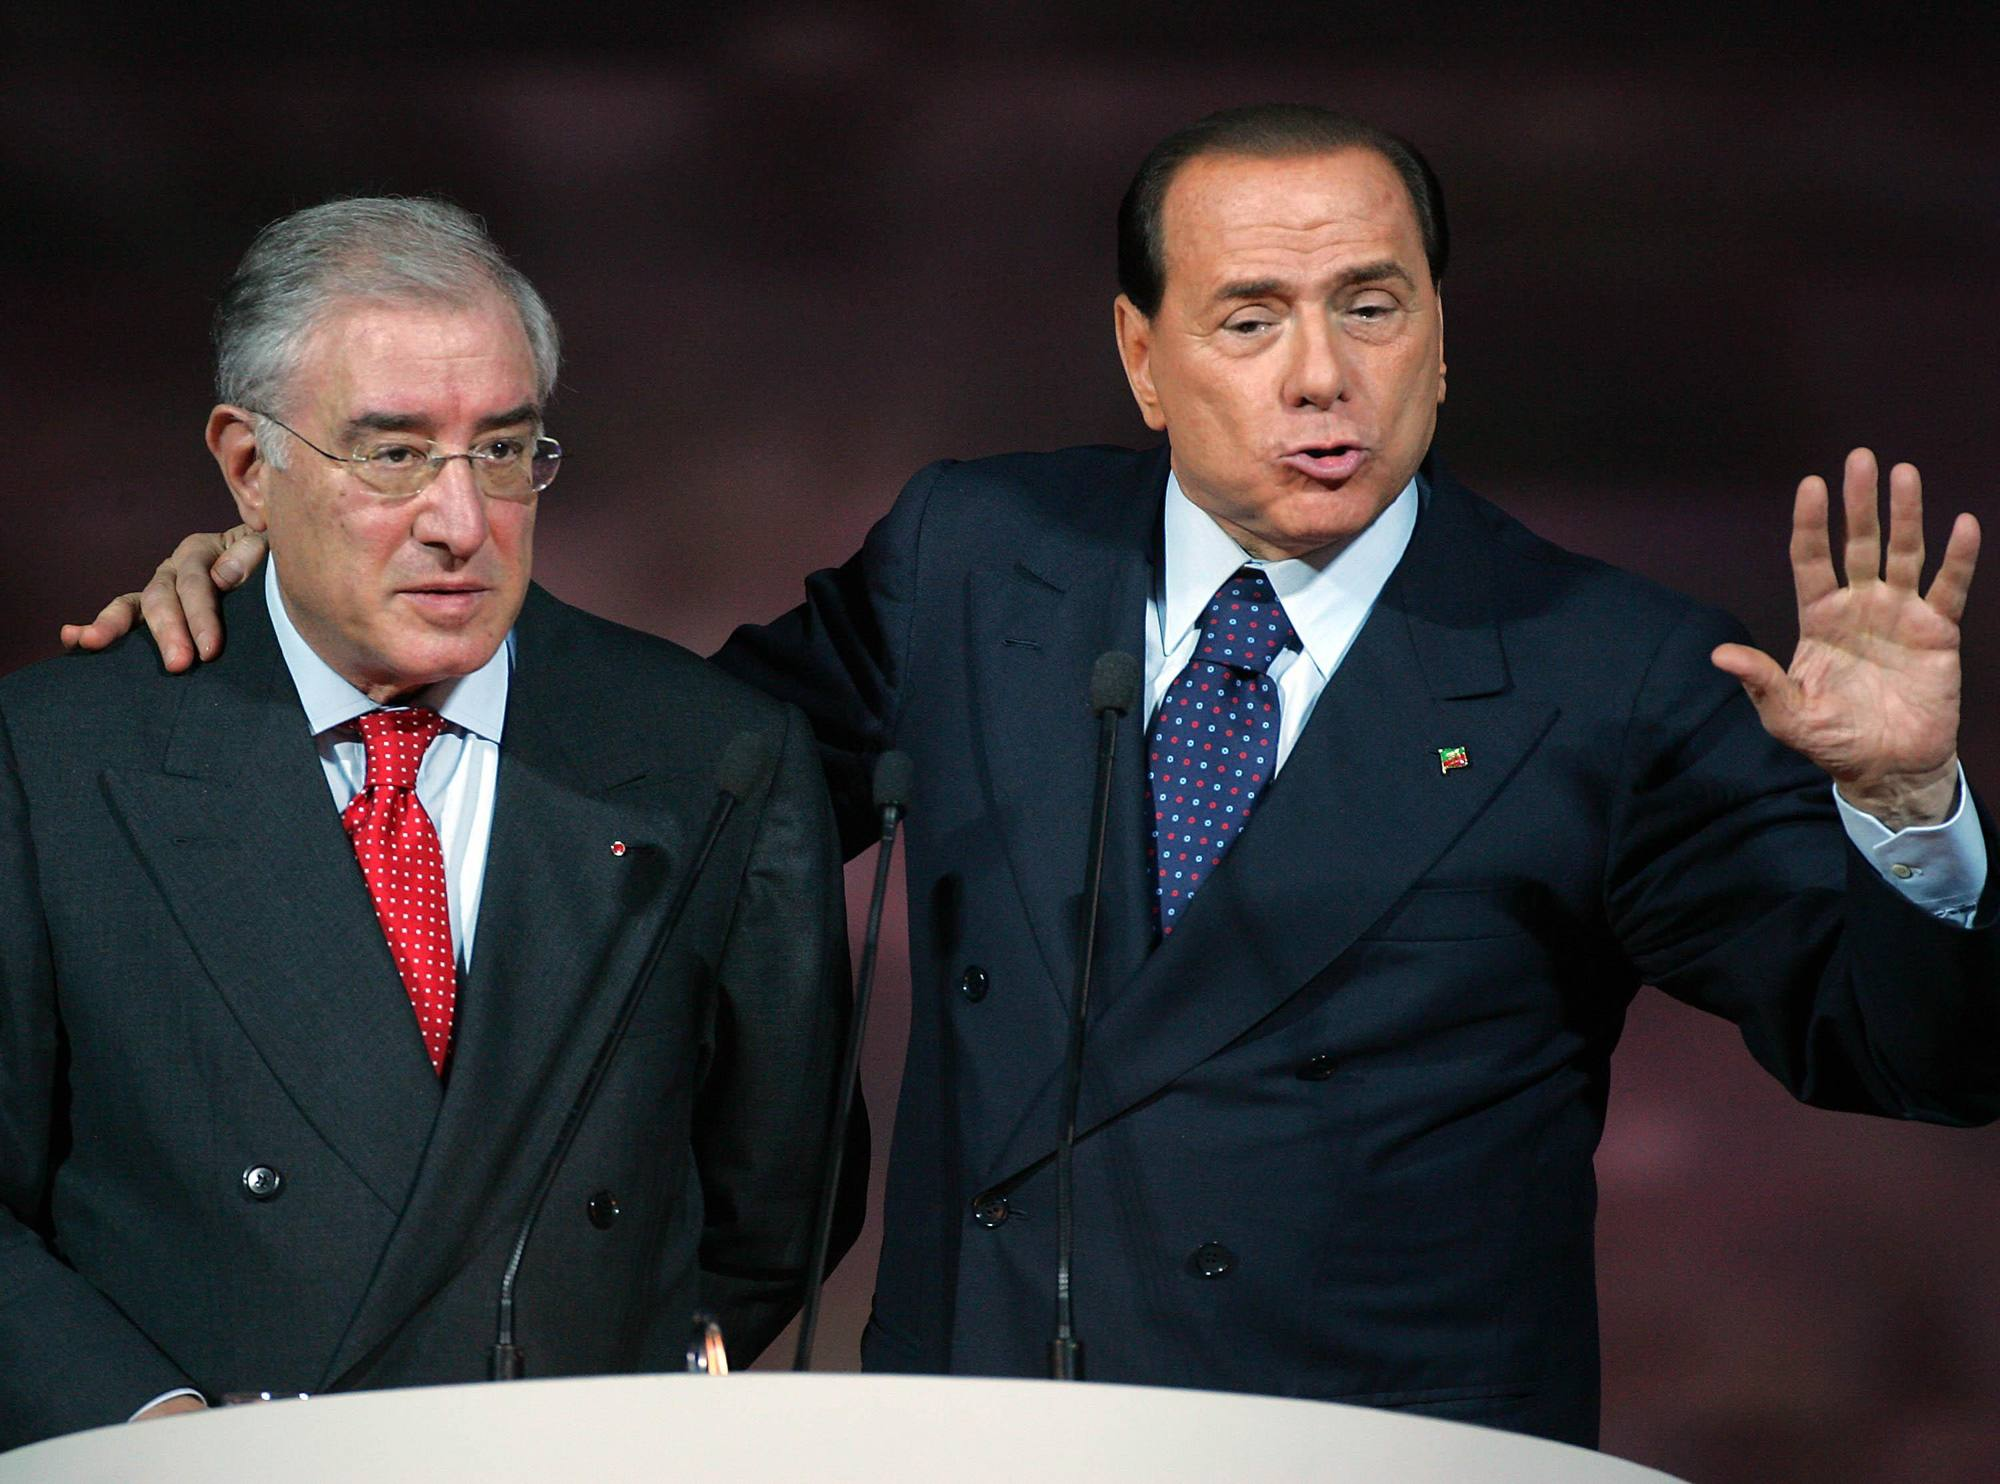 Chi vota centrodesta…È complice dei Mafiosi..